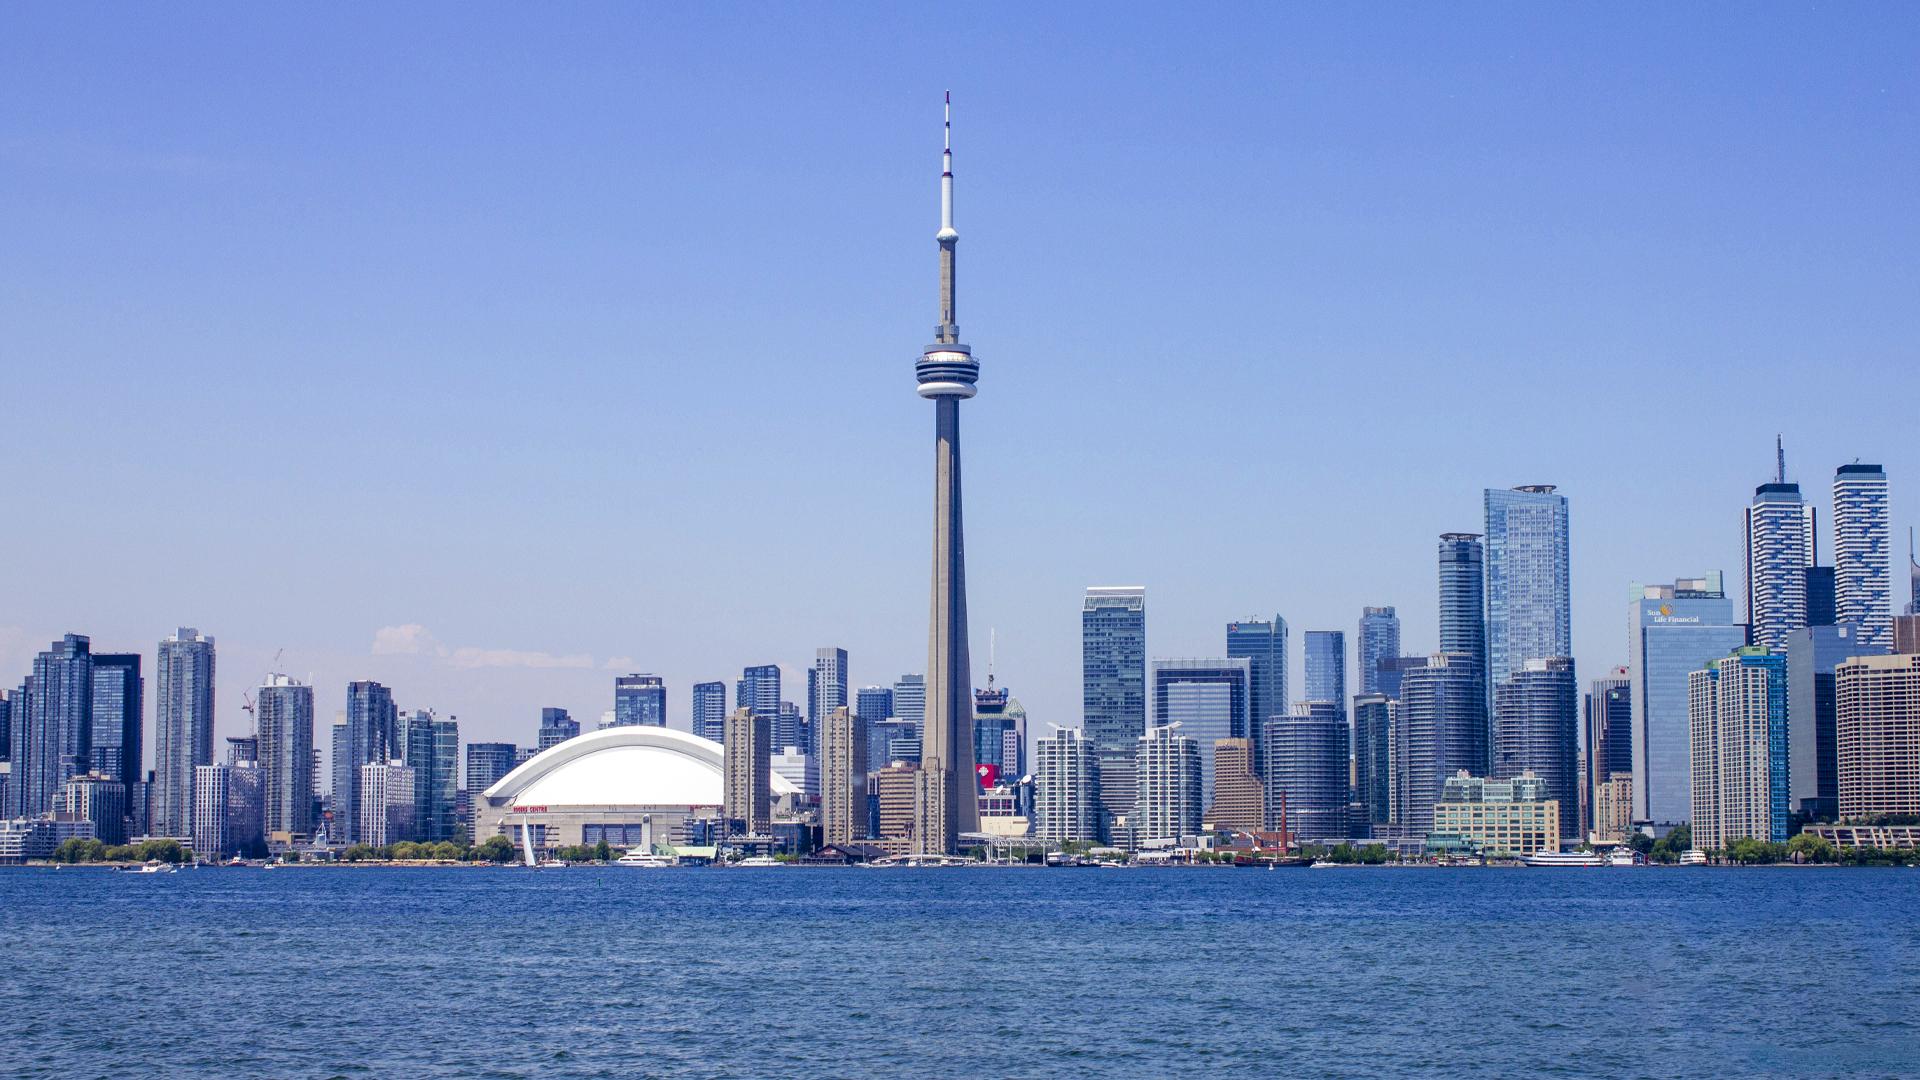 Nhiều người định định cư Canada quyết sống tại đây vì nơi đây có thành phố Toronto